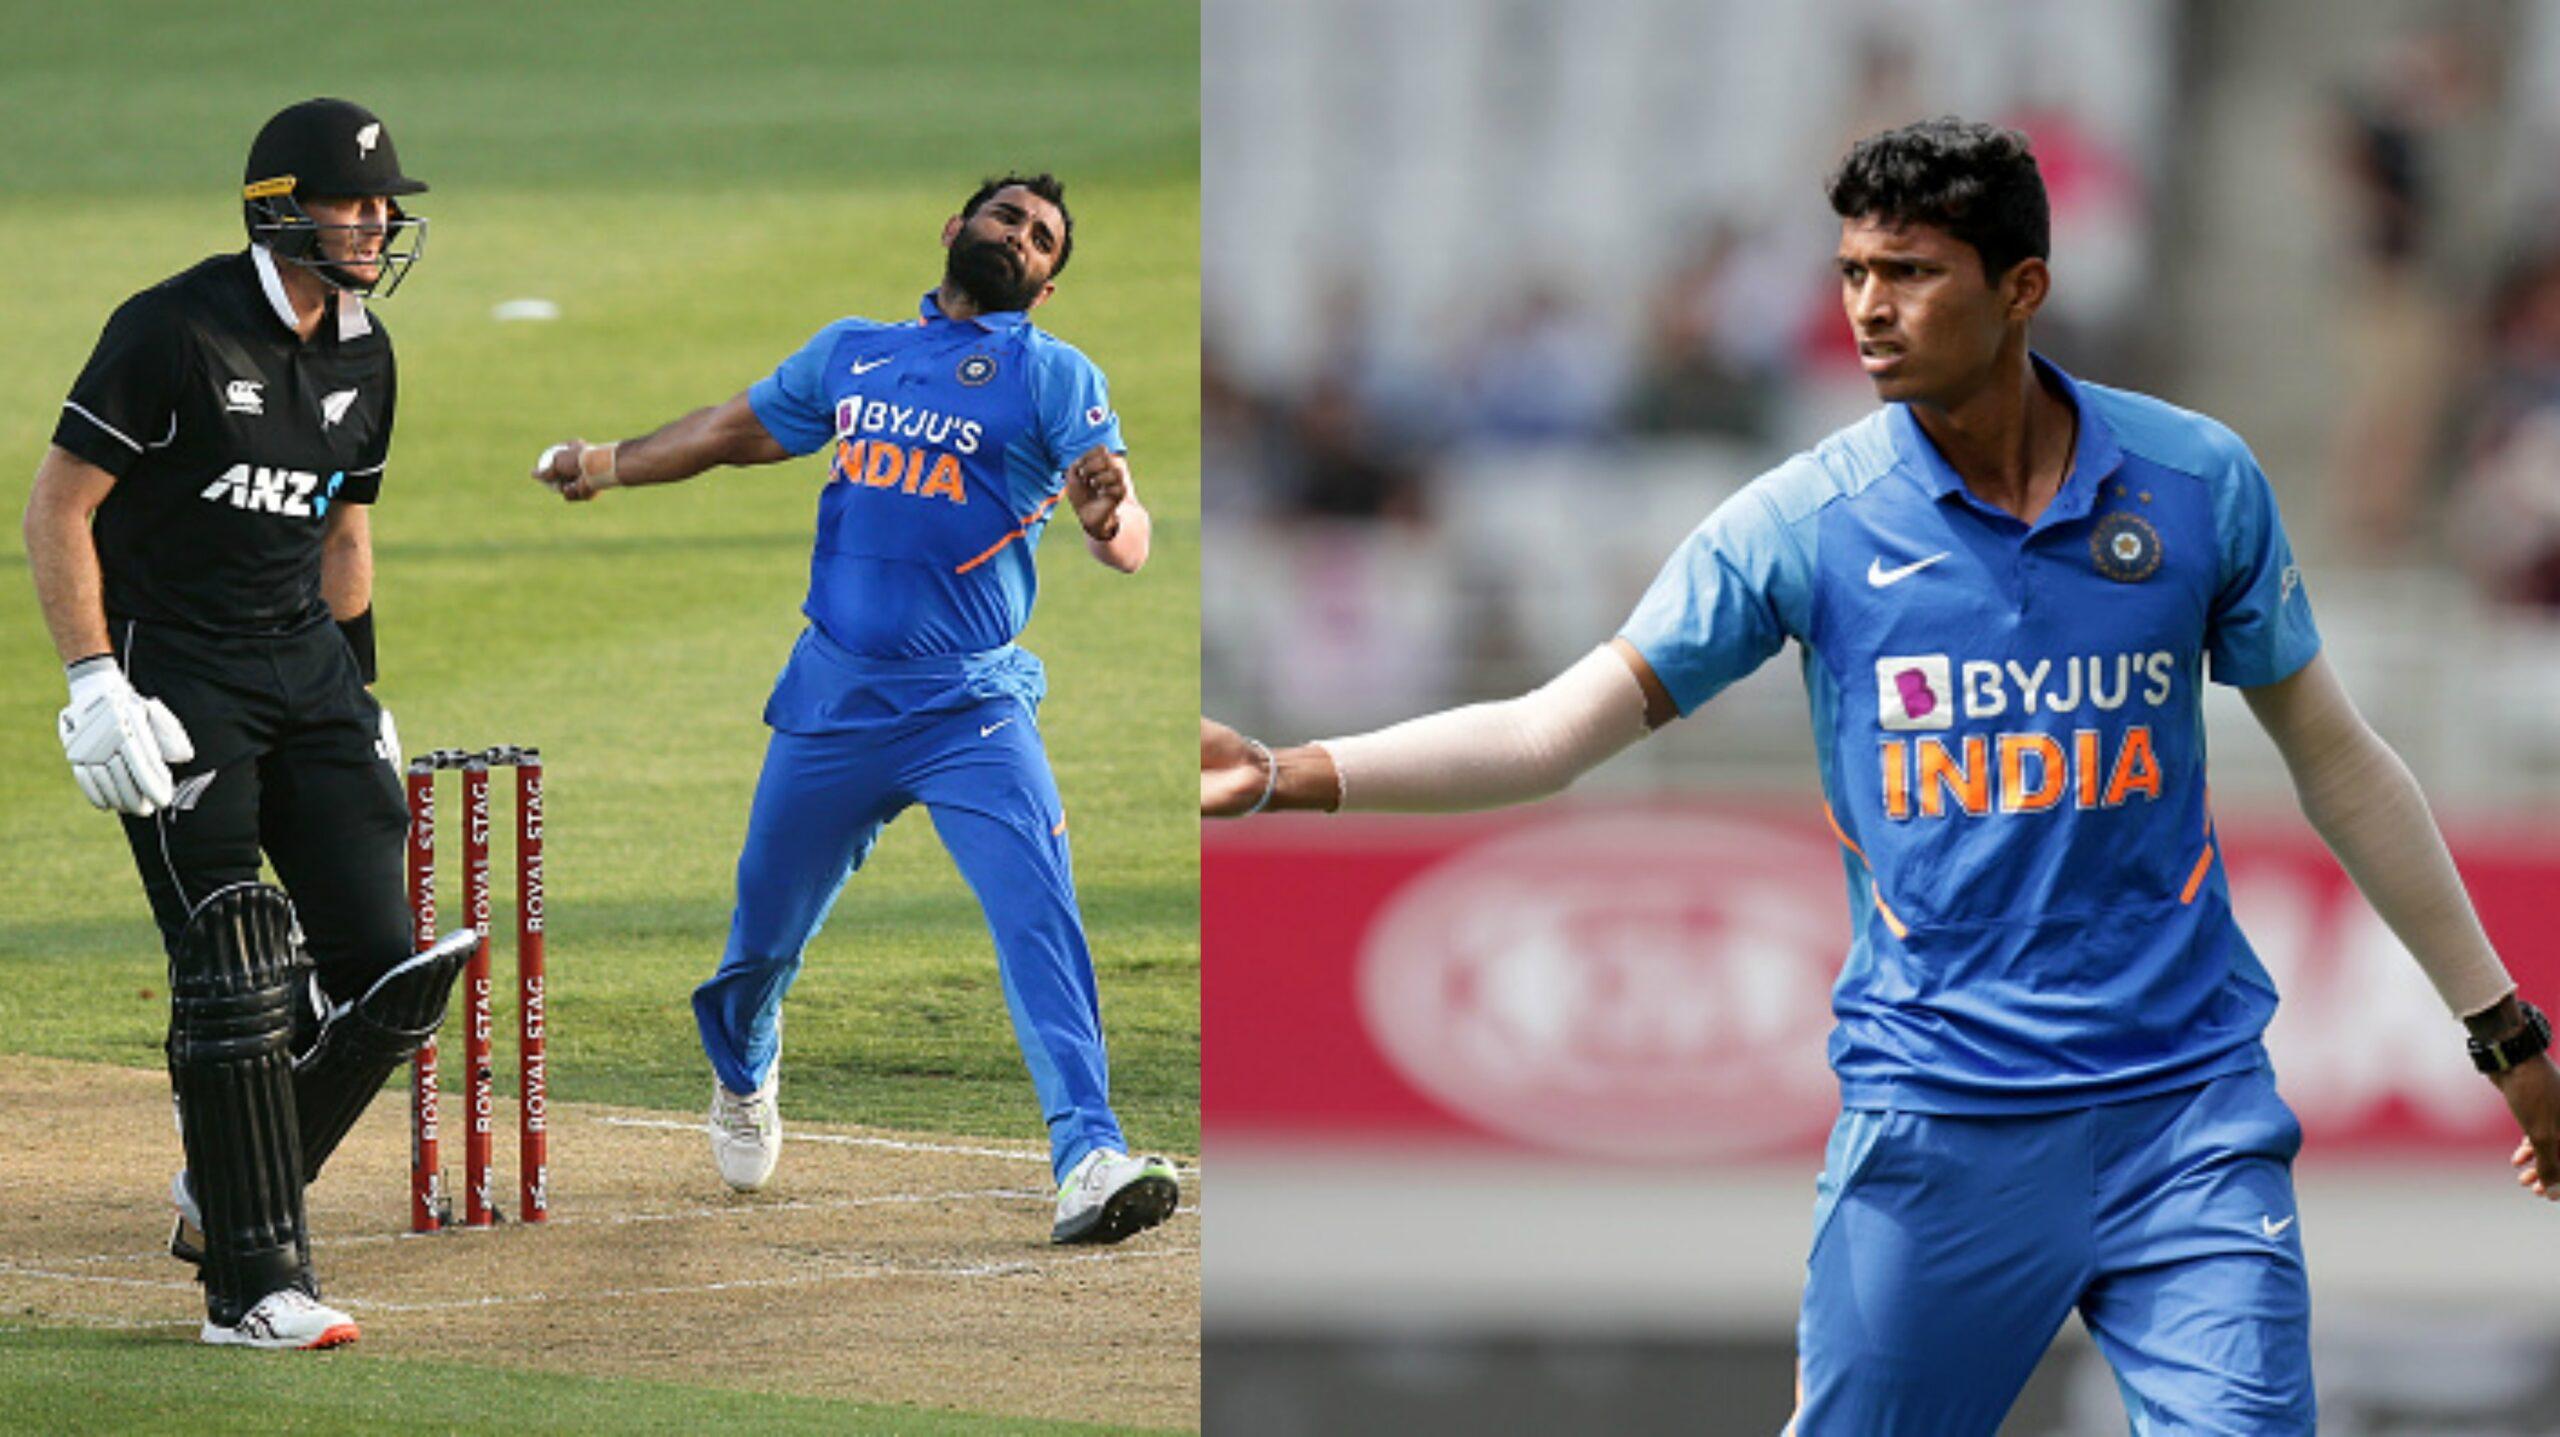 NZ vs IND- हरभजन सिंह ने दूसरे वनडे में शमी को ना देख जतायी हैरानी तो इस दिग्गज ने नवदीप सैनी का किया बचाव 9